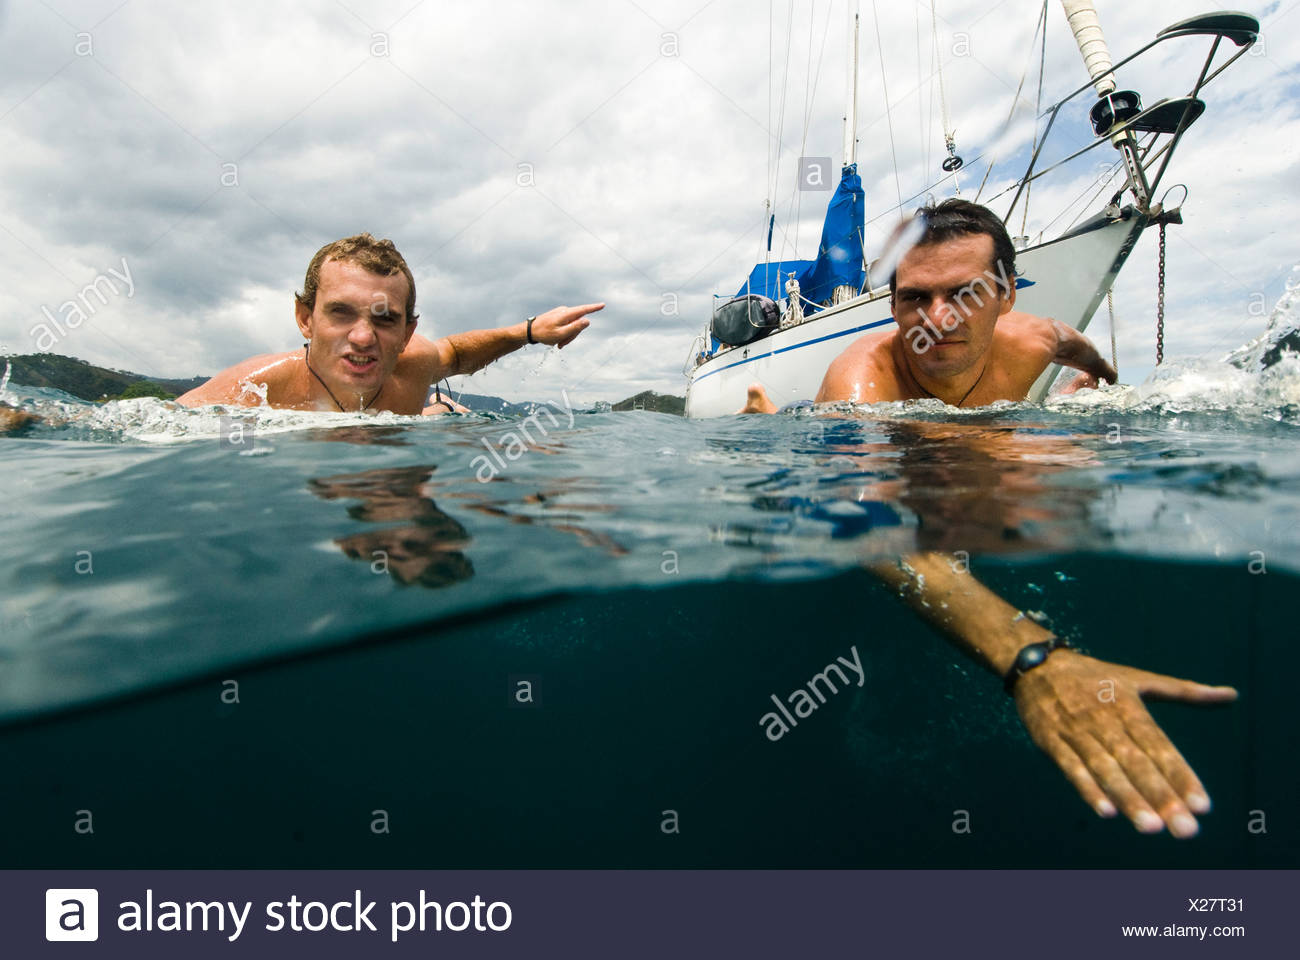 Deux gars de sortir pour surfer au Costa Rica Photo Stock